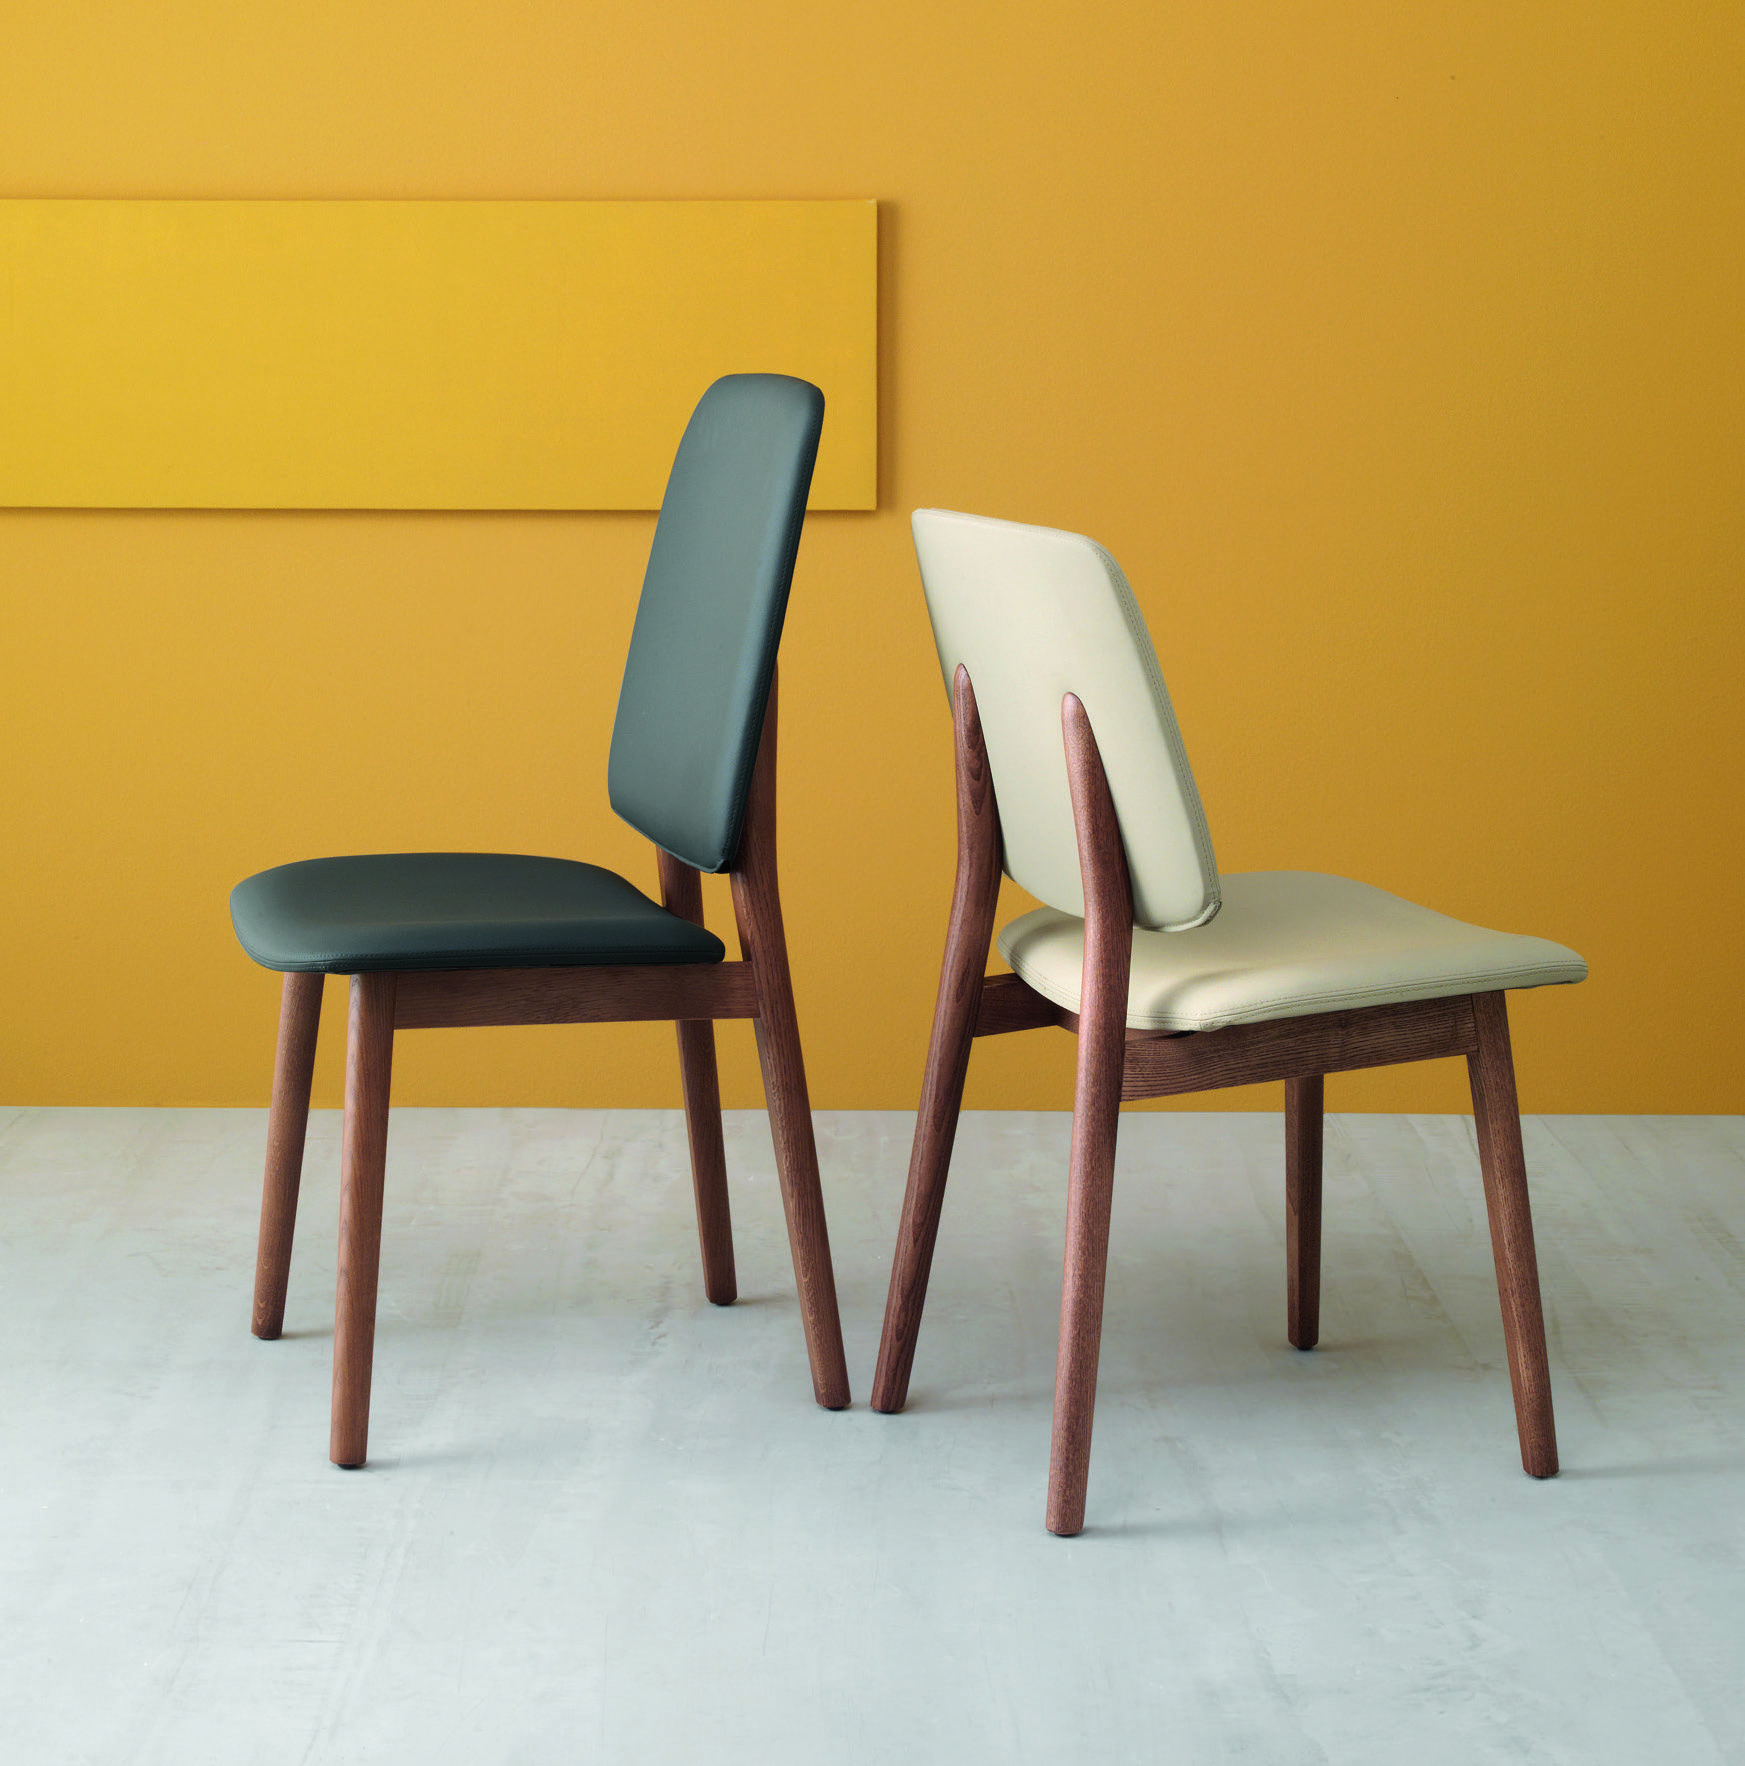 Sedie Moderne Design In Legno.Set 2 Sedie Design Moderno In Legno E Ecopelle Luxy Low Sedia Con